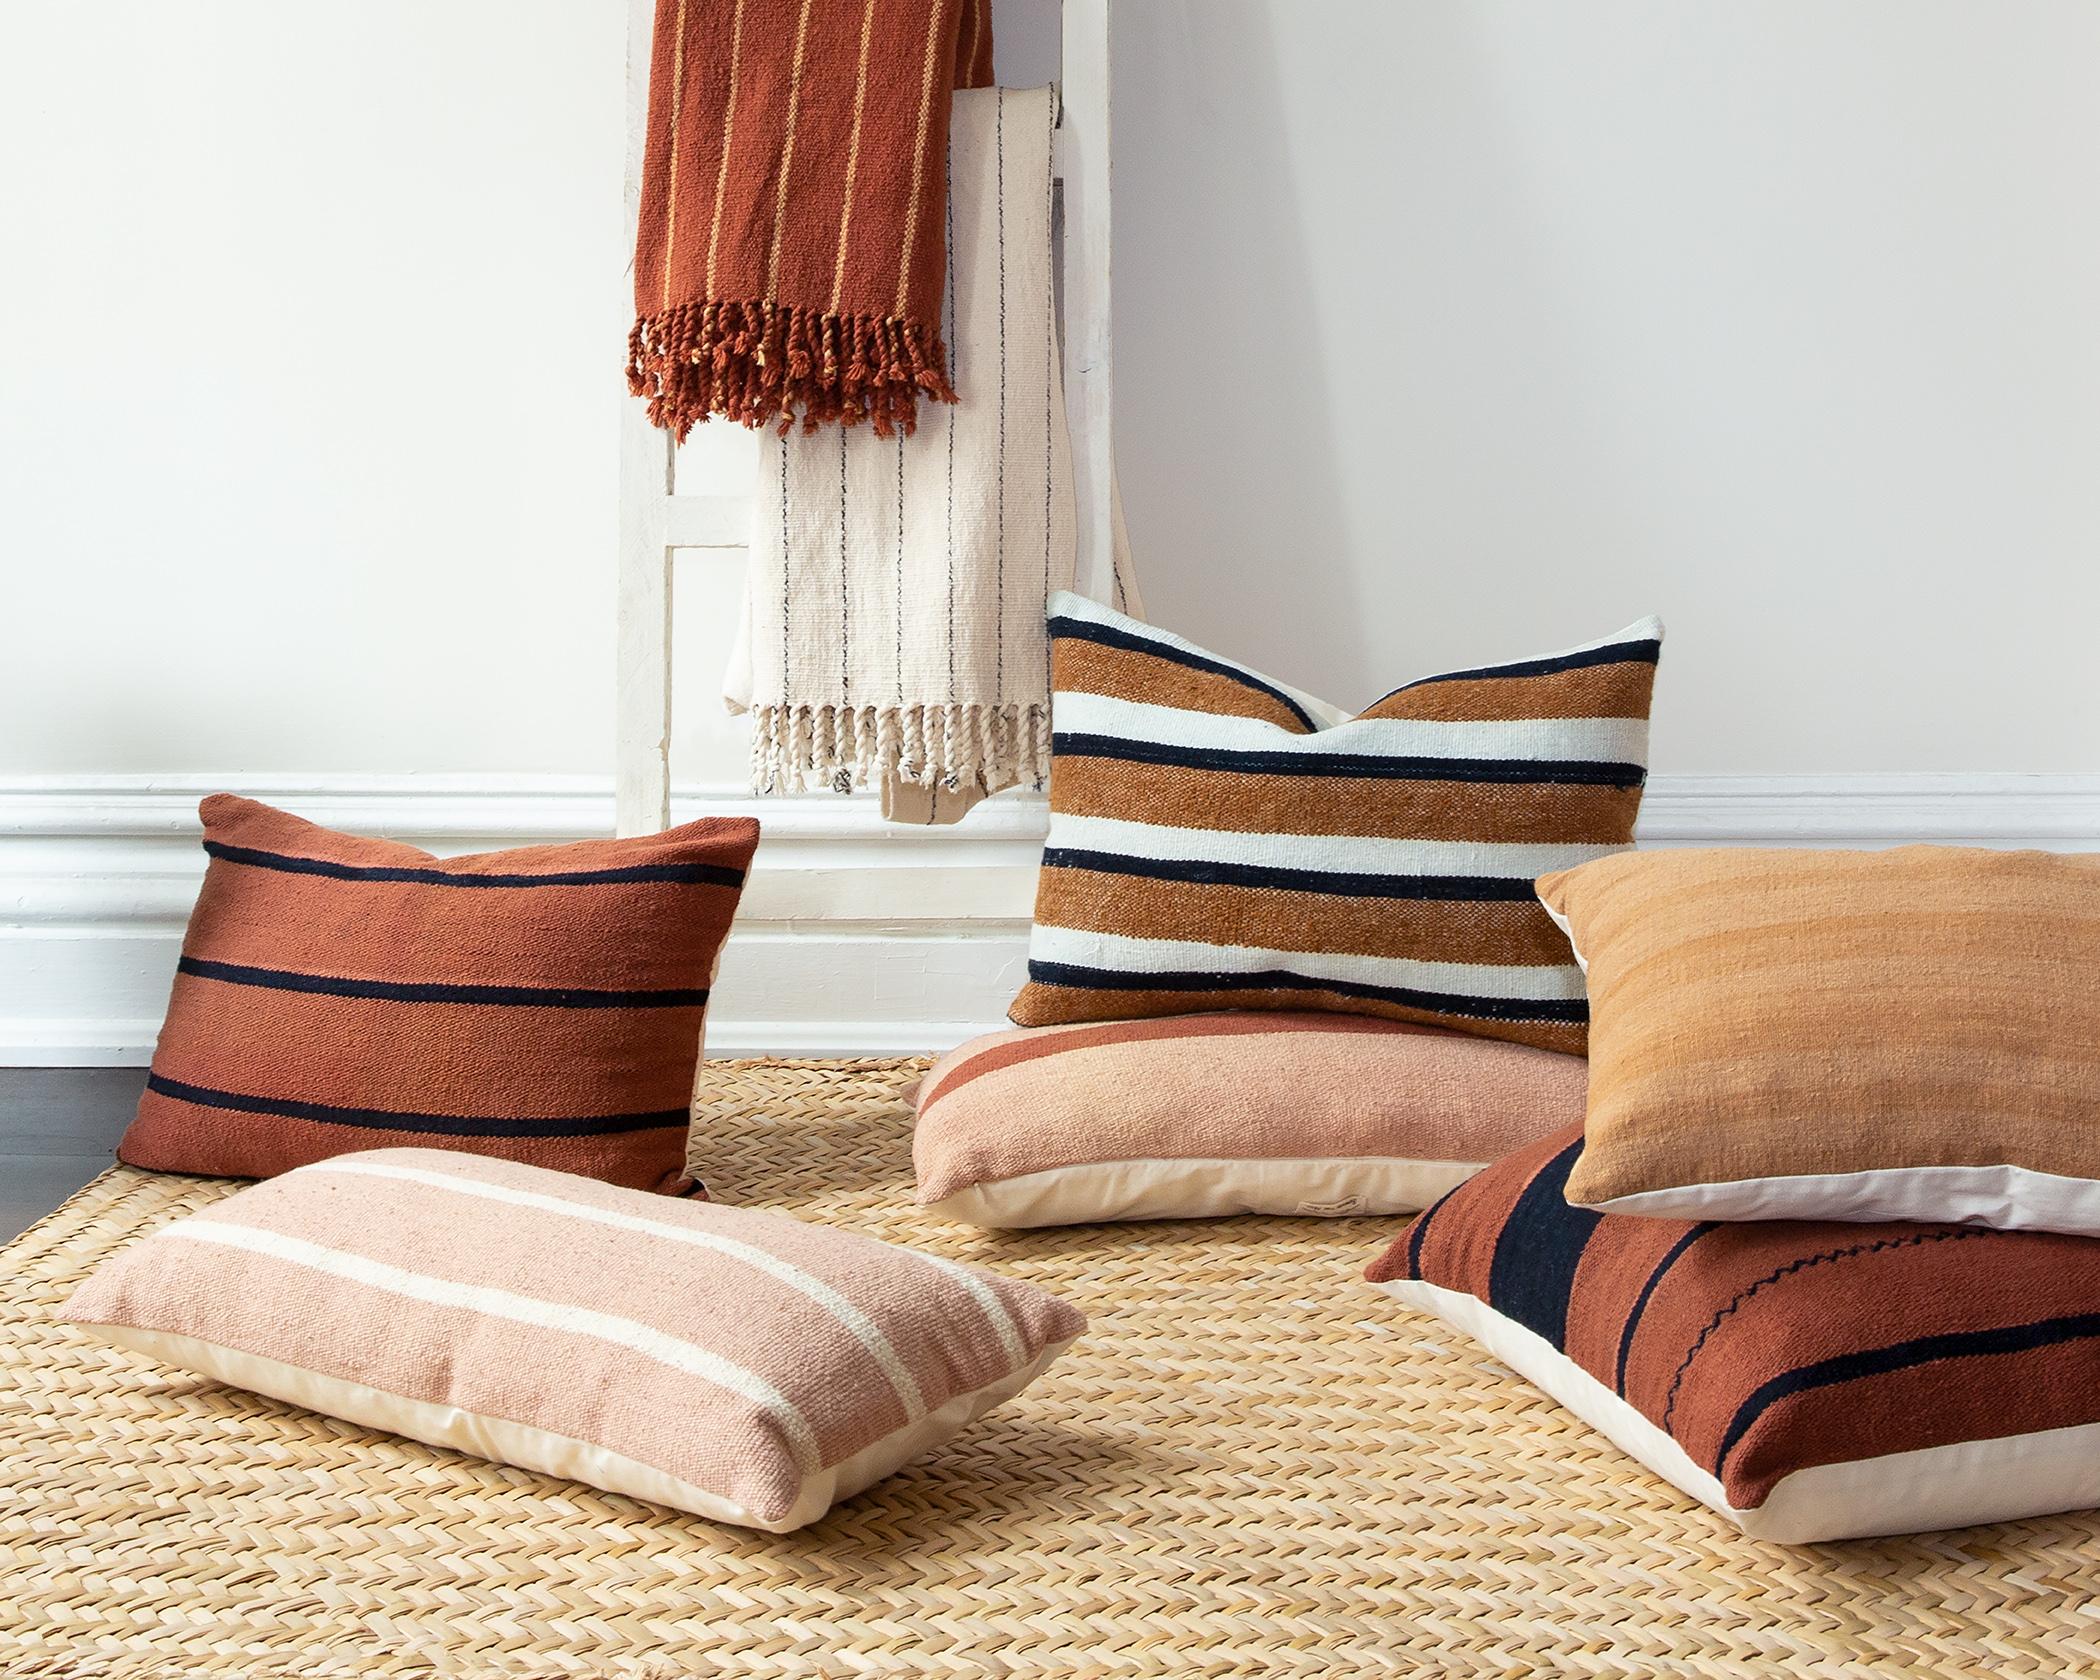 Maud vend ses tissus sous forme de couvertures et coussins.